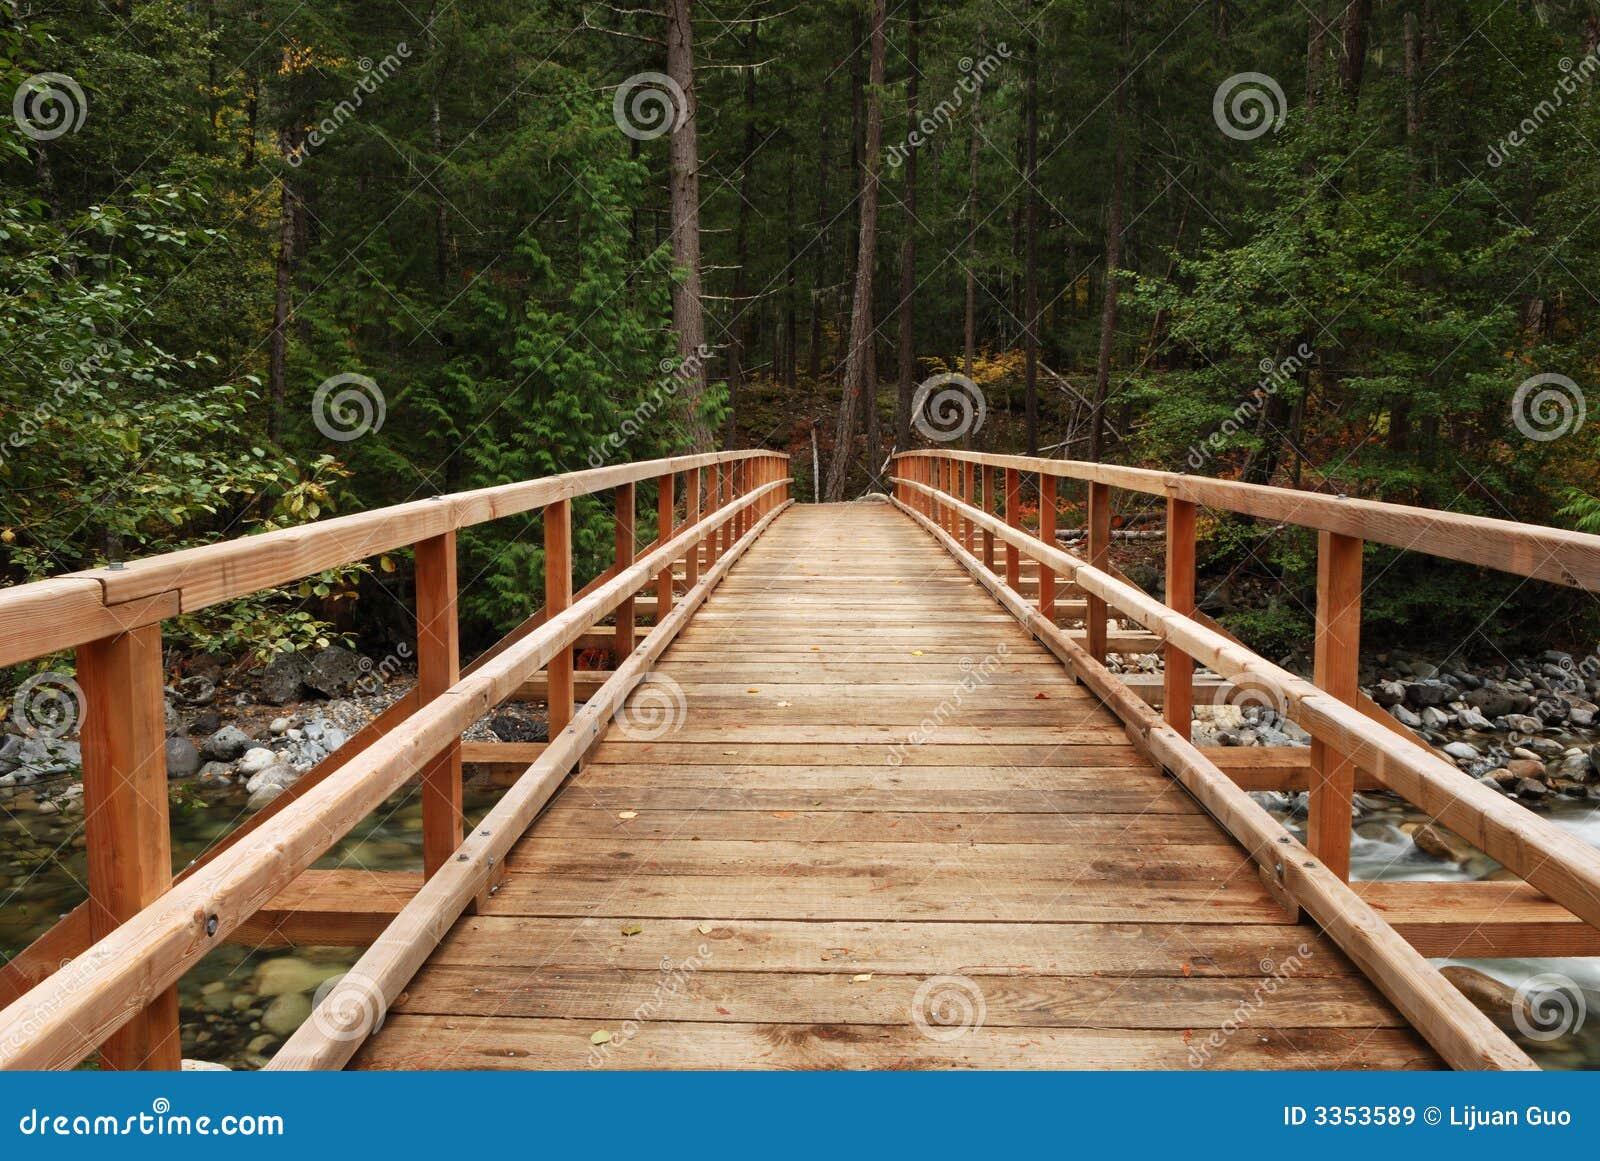 Ponte de madeira na floresta